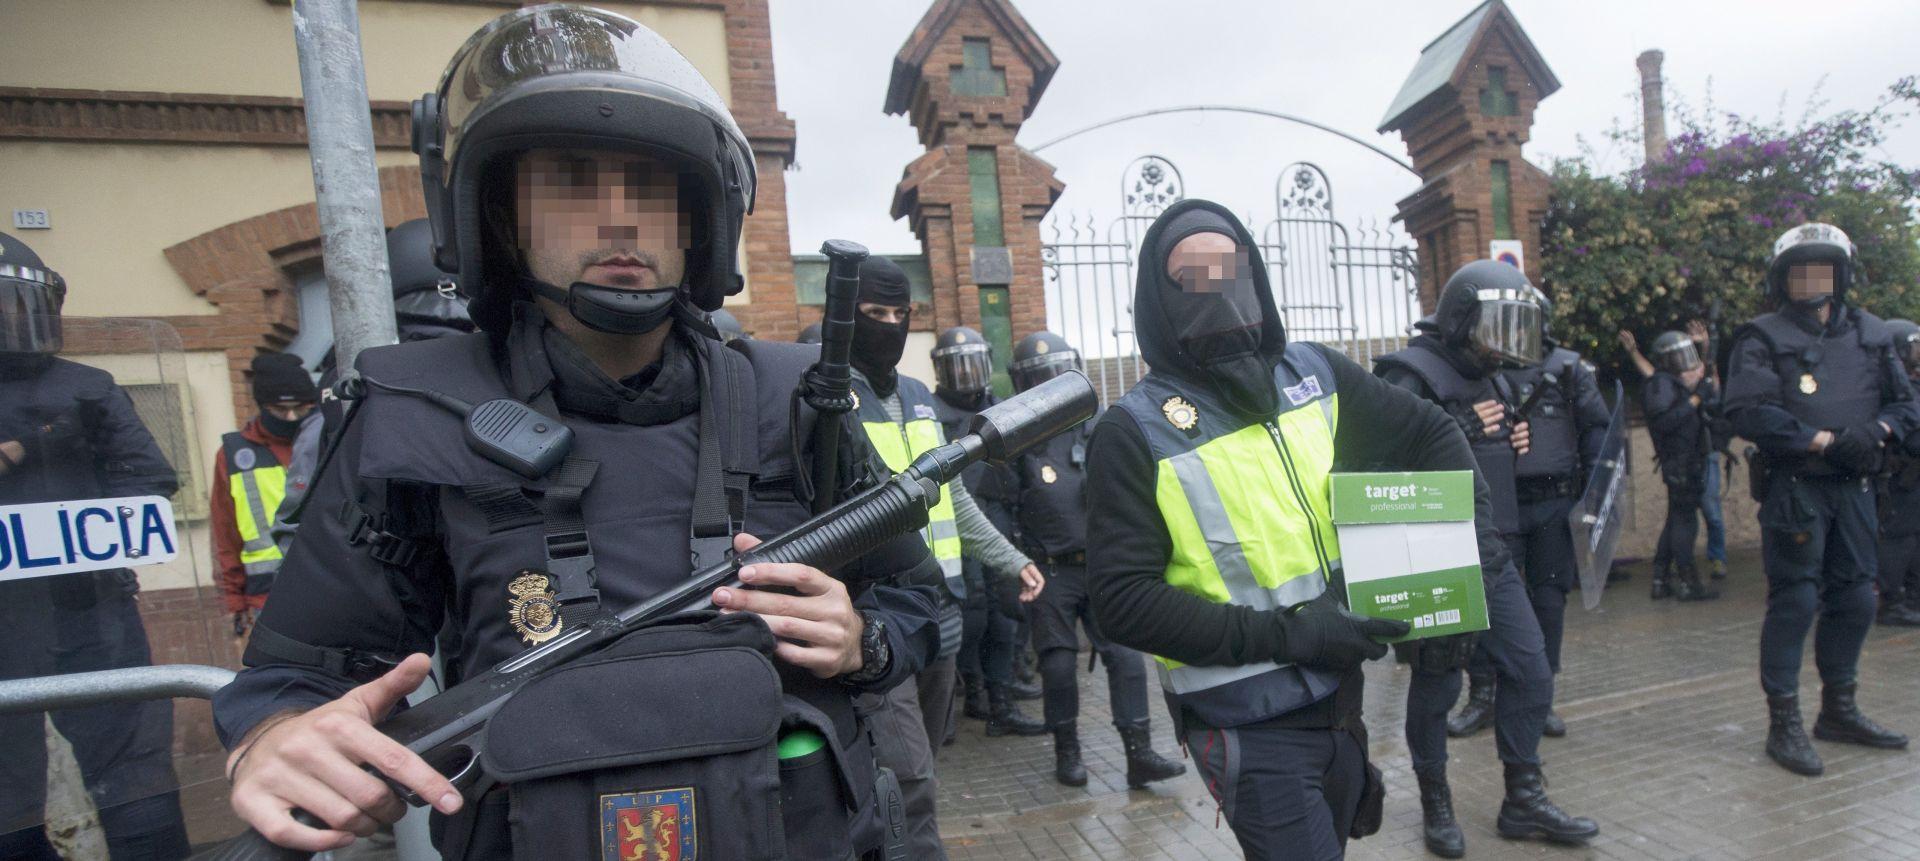 VIDEO: Španjolska policija mlati katalonske vatrogasce koji štite građane